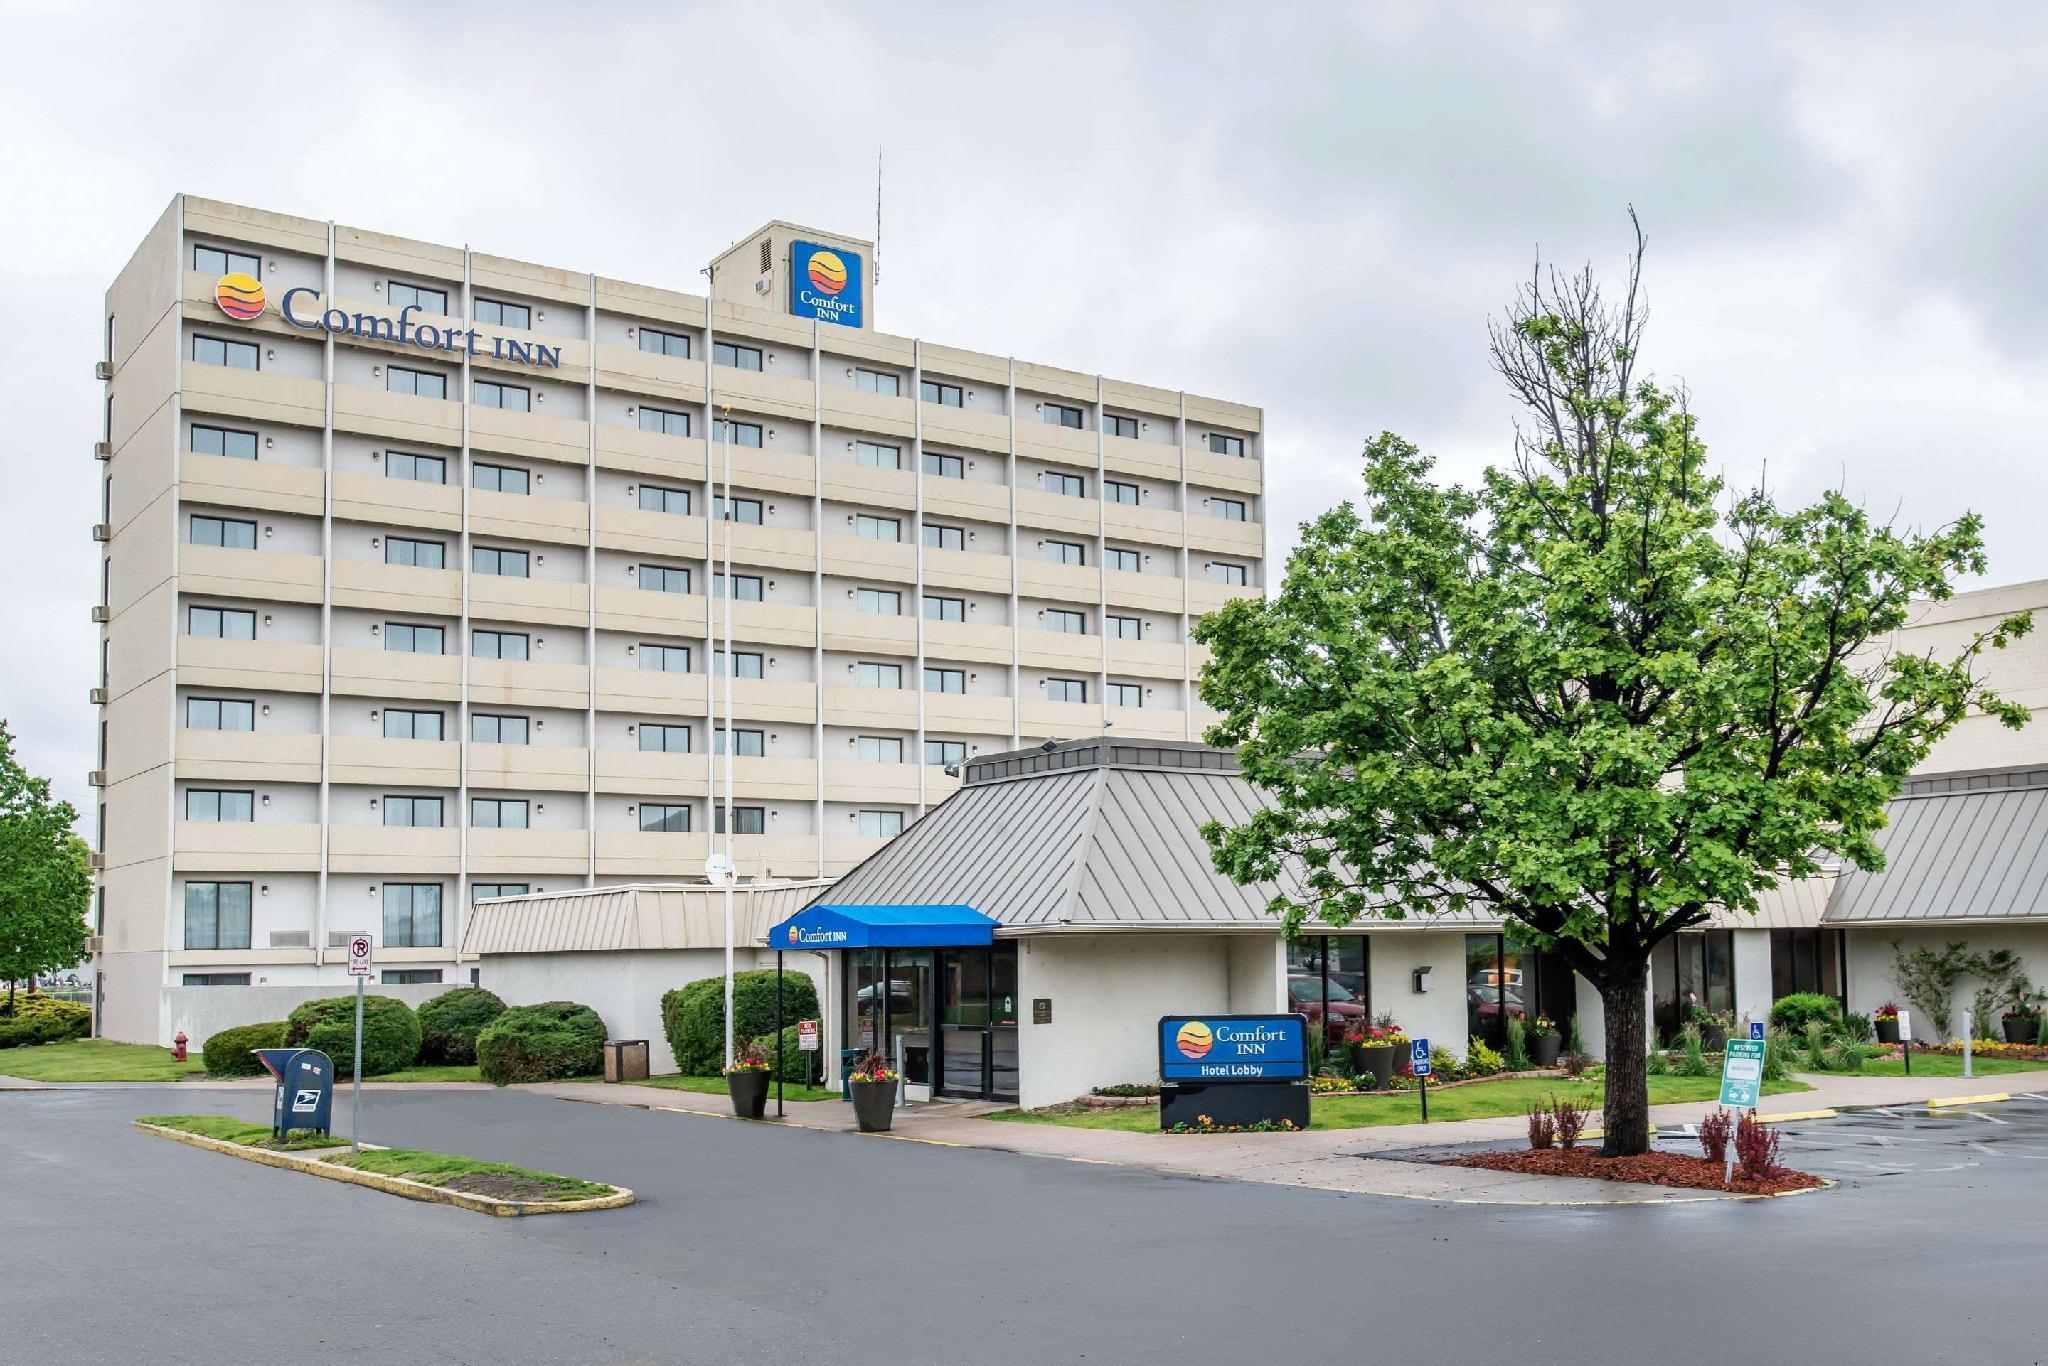 Comfort Inn Central Hotel